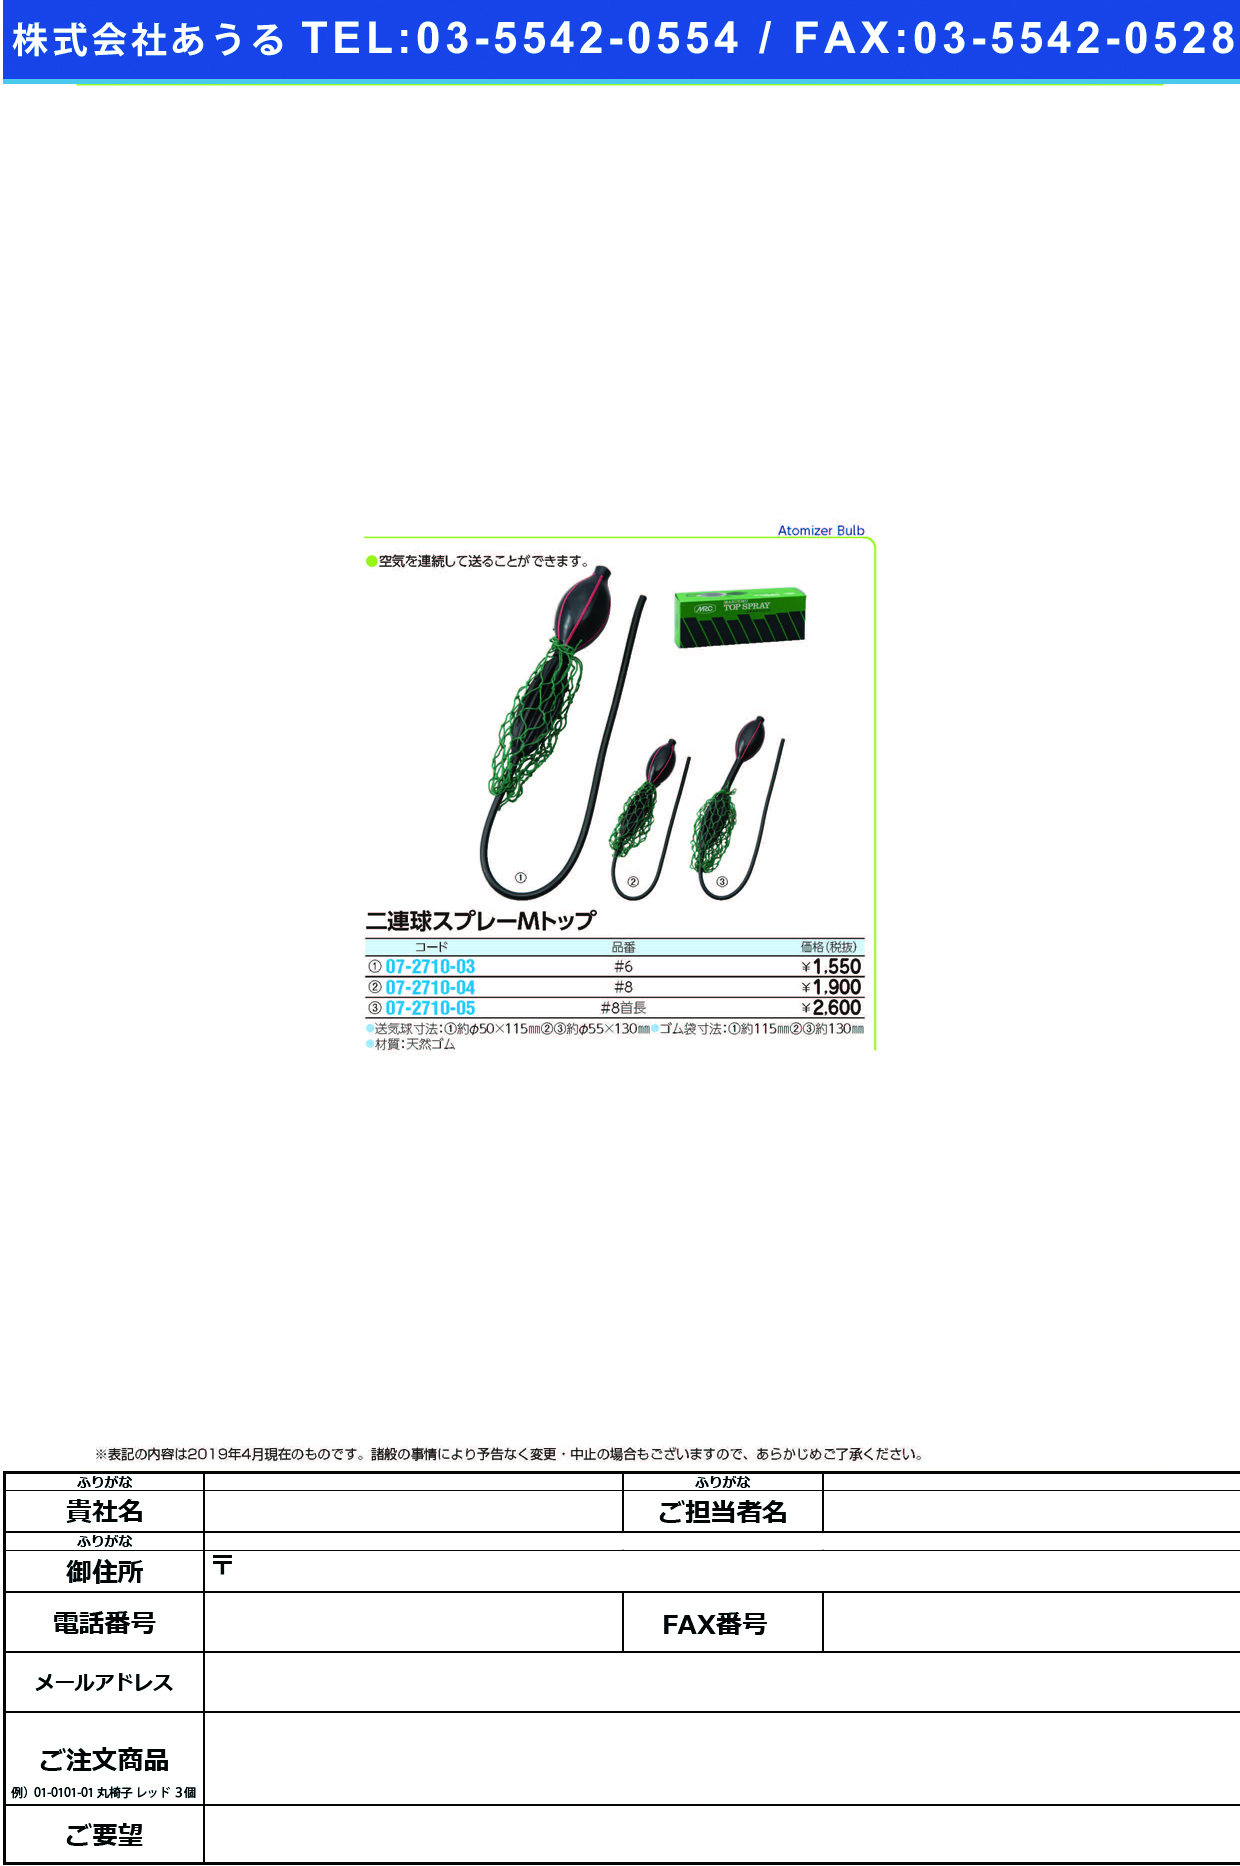 (07-2710-05)二連球スプレー(Mトップ) #8(クビナガ) ニレンキュウ【1個単位】【2019年カタログ商品】